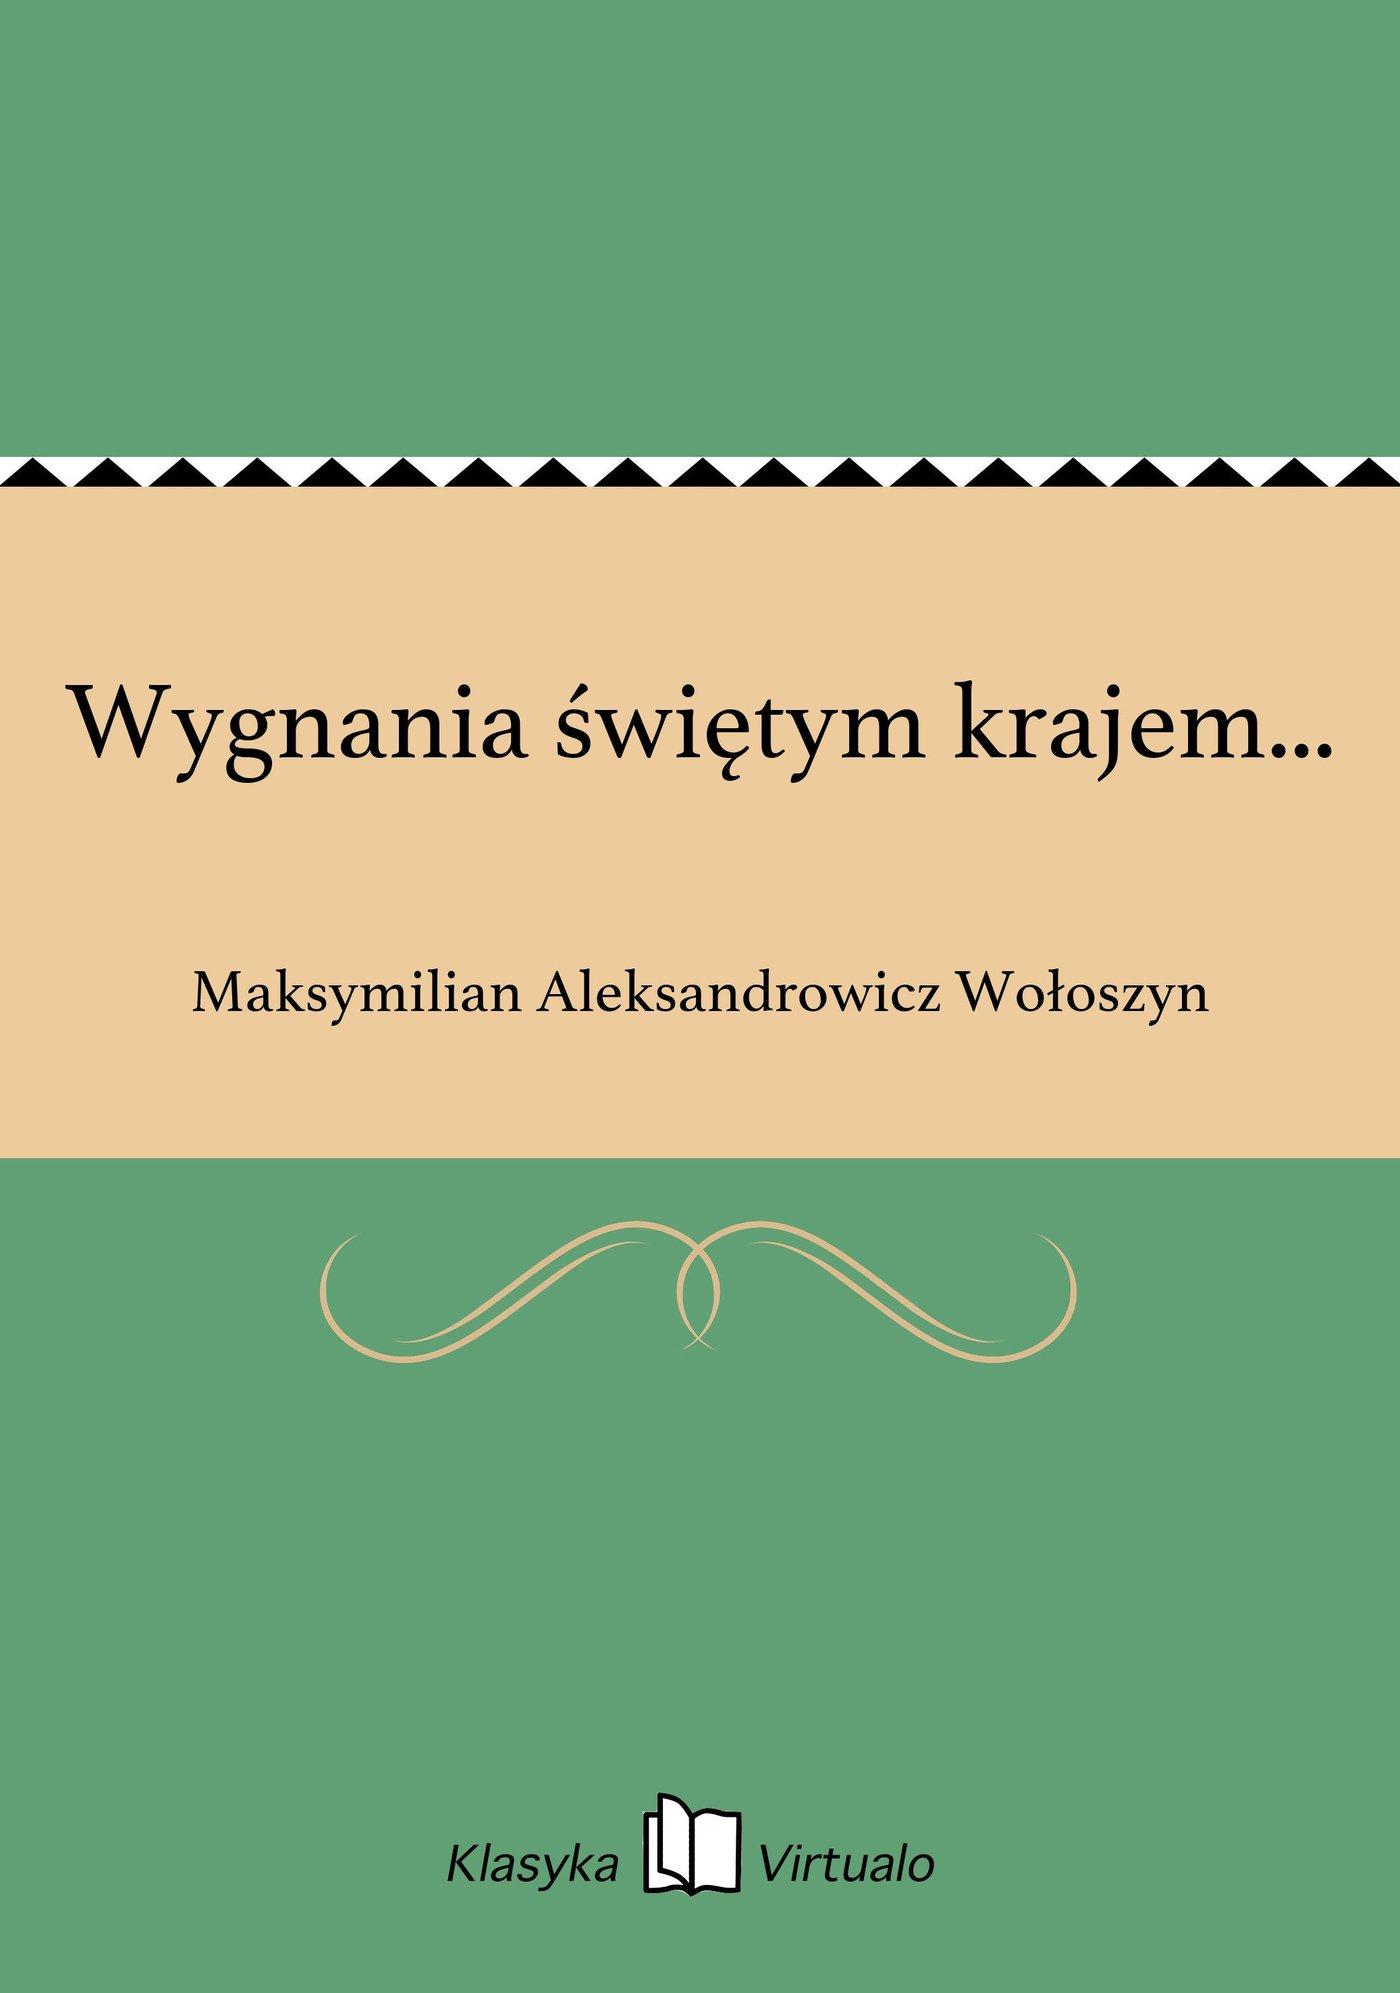 Wygnania świętym krajem... - Ebook (Książka na Kindle) do pobrania w formacie MOBI